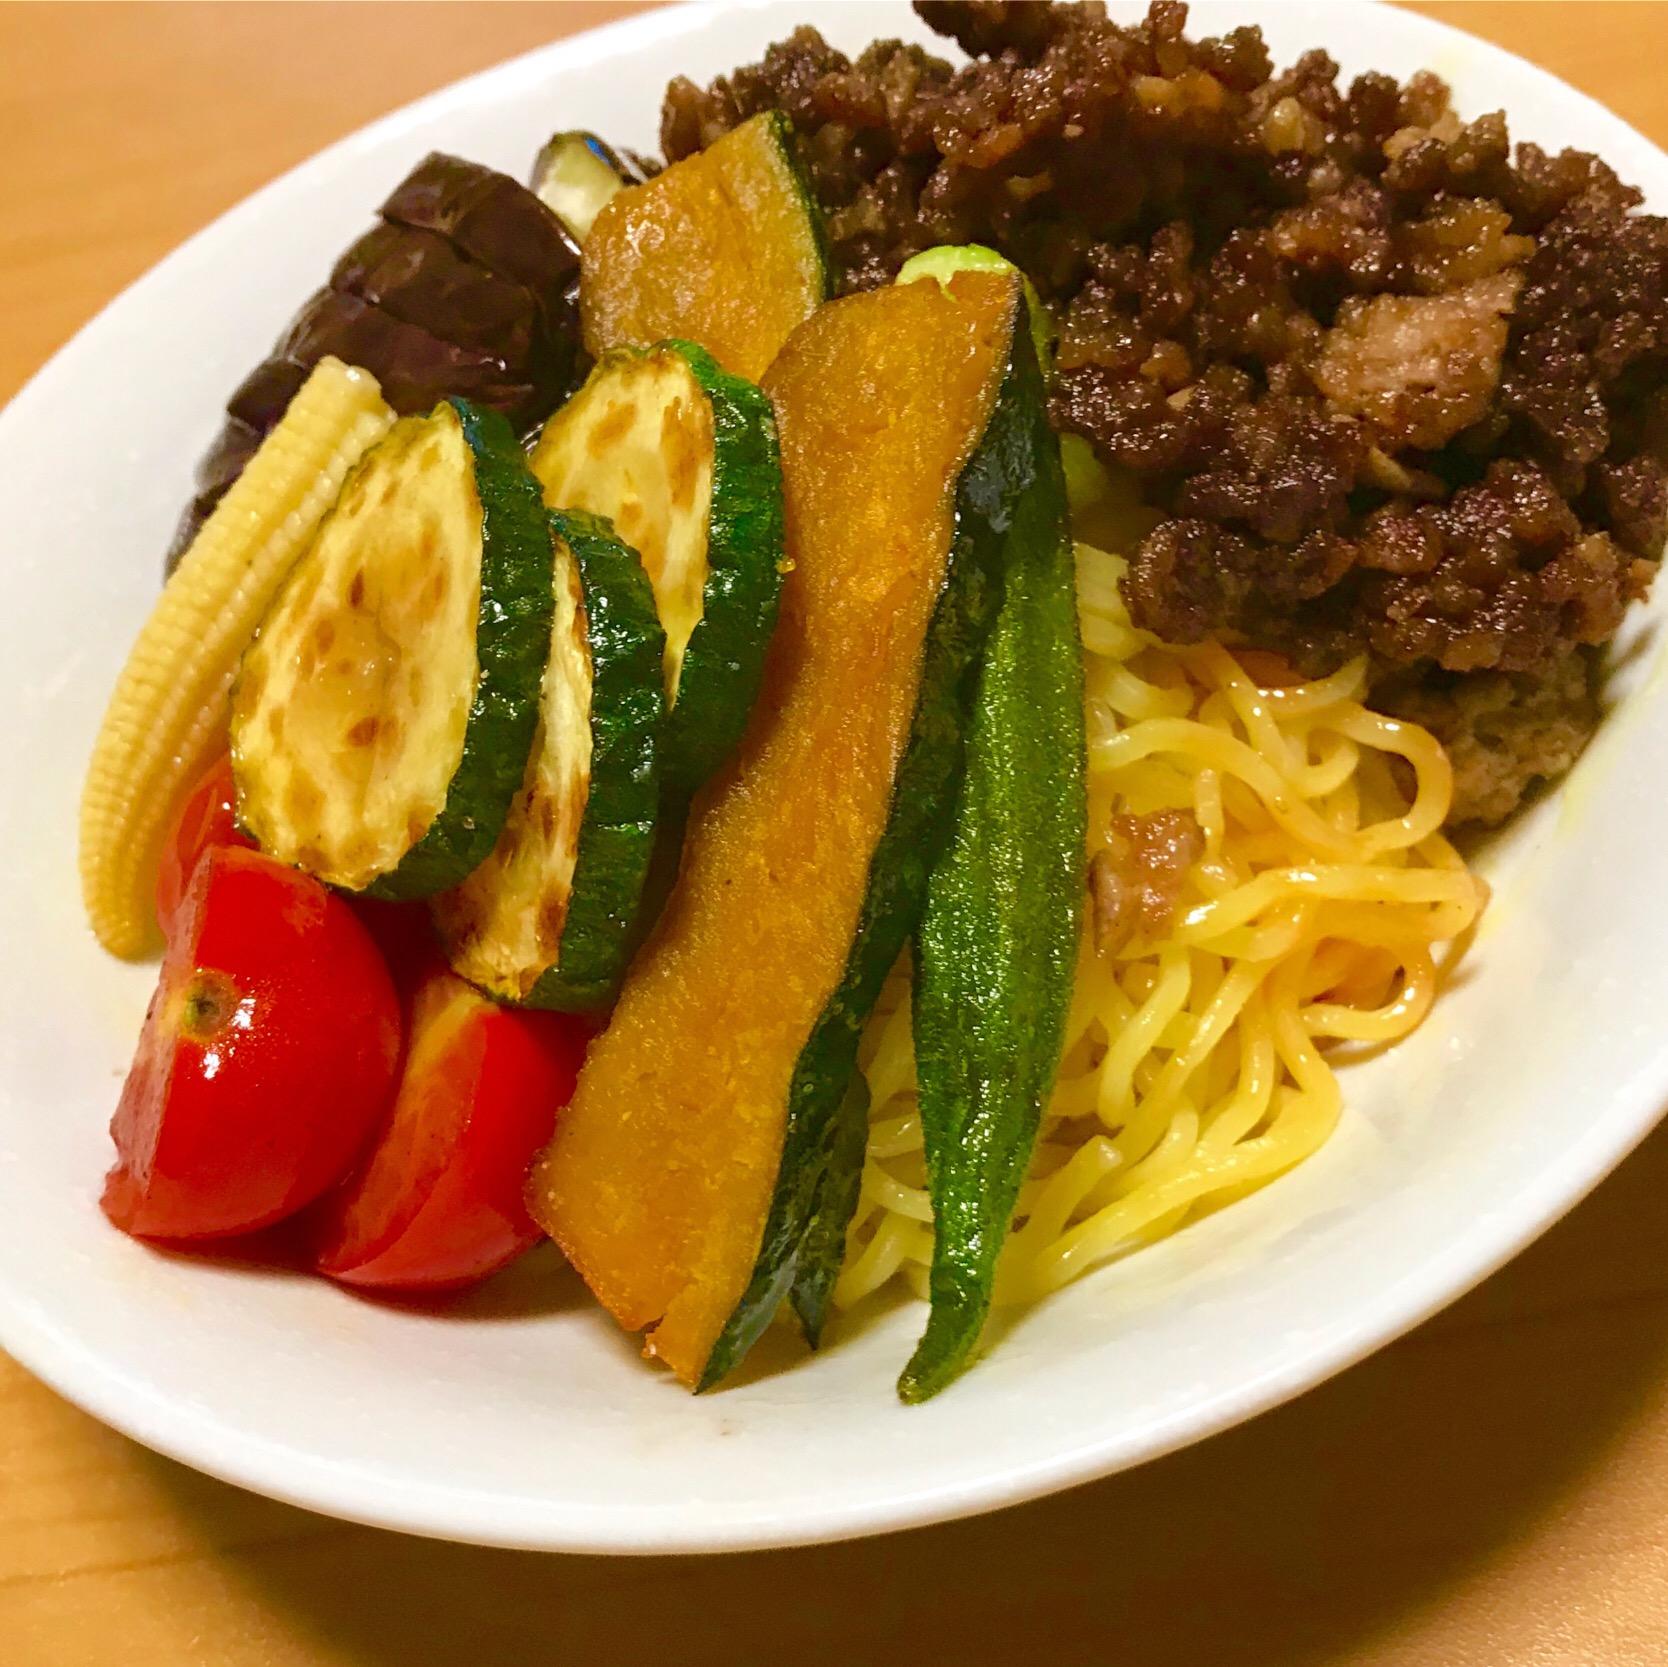 夏野菜のカレー風味夏麺  #ヤマサ #夏野菜 #カレー #ラーメン